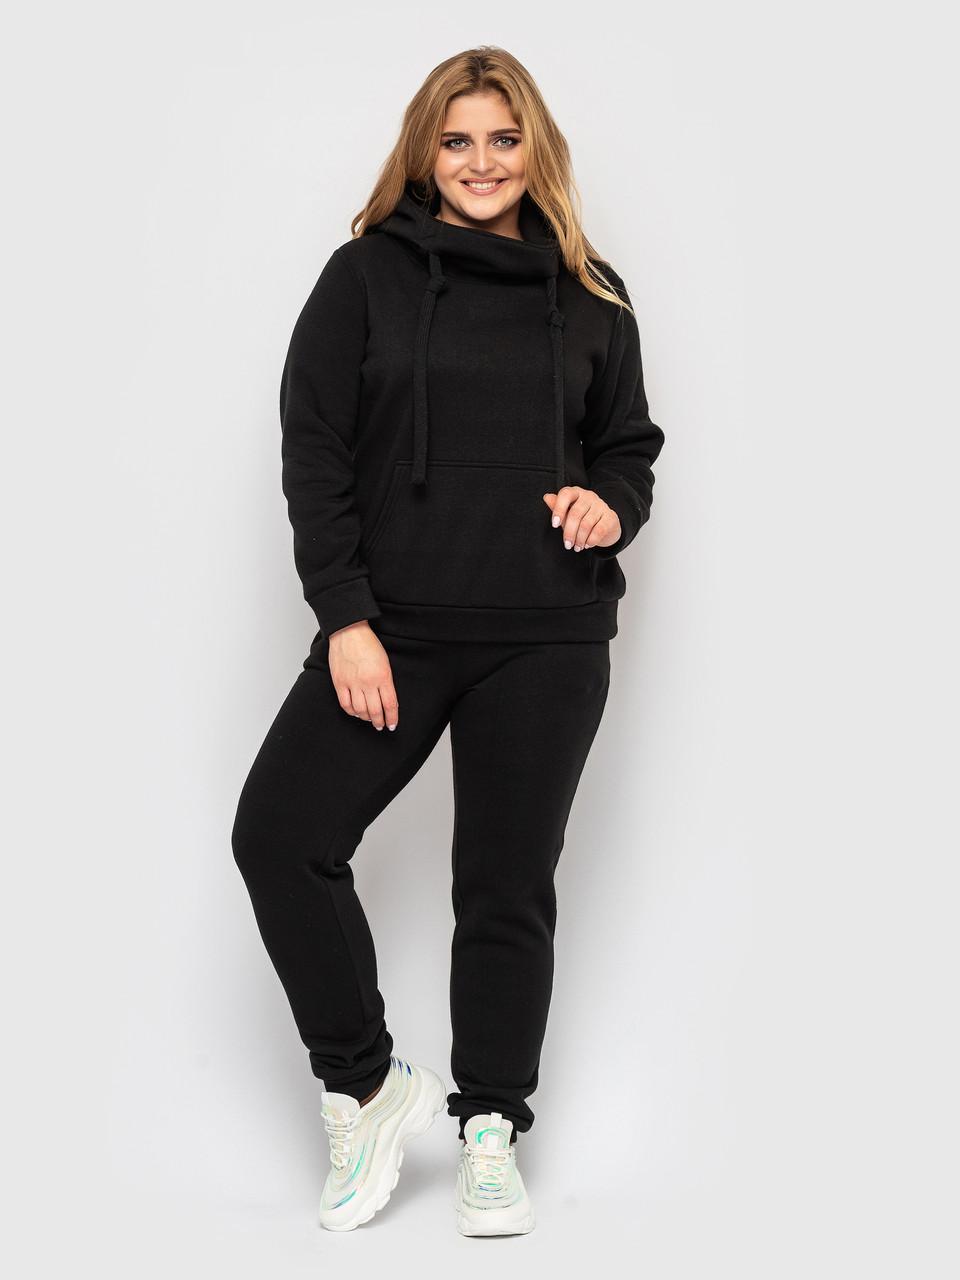 Теплый спортивный костюм на флисе Аврора черный